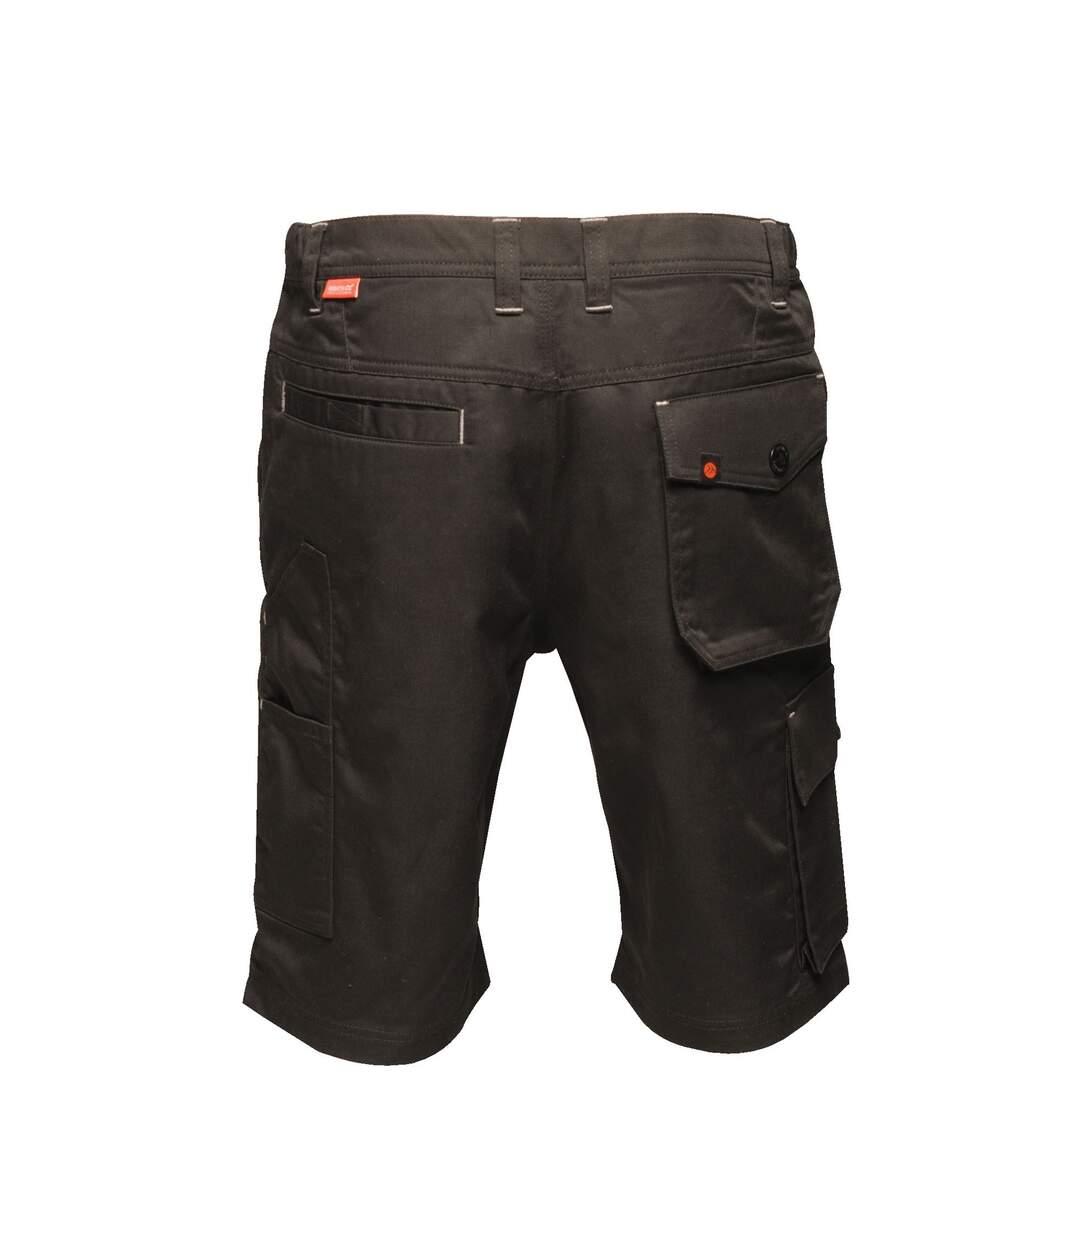 Regatta Mens Heroic Cargo Shorts (Black) - UTRG4527